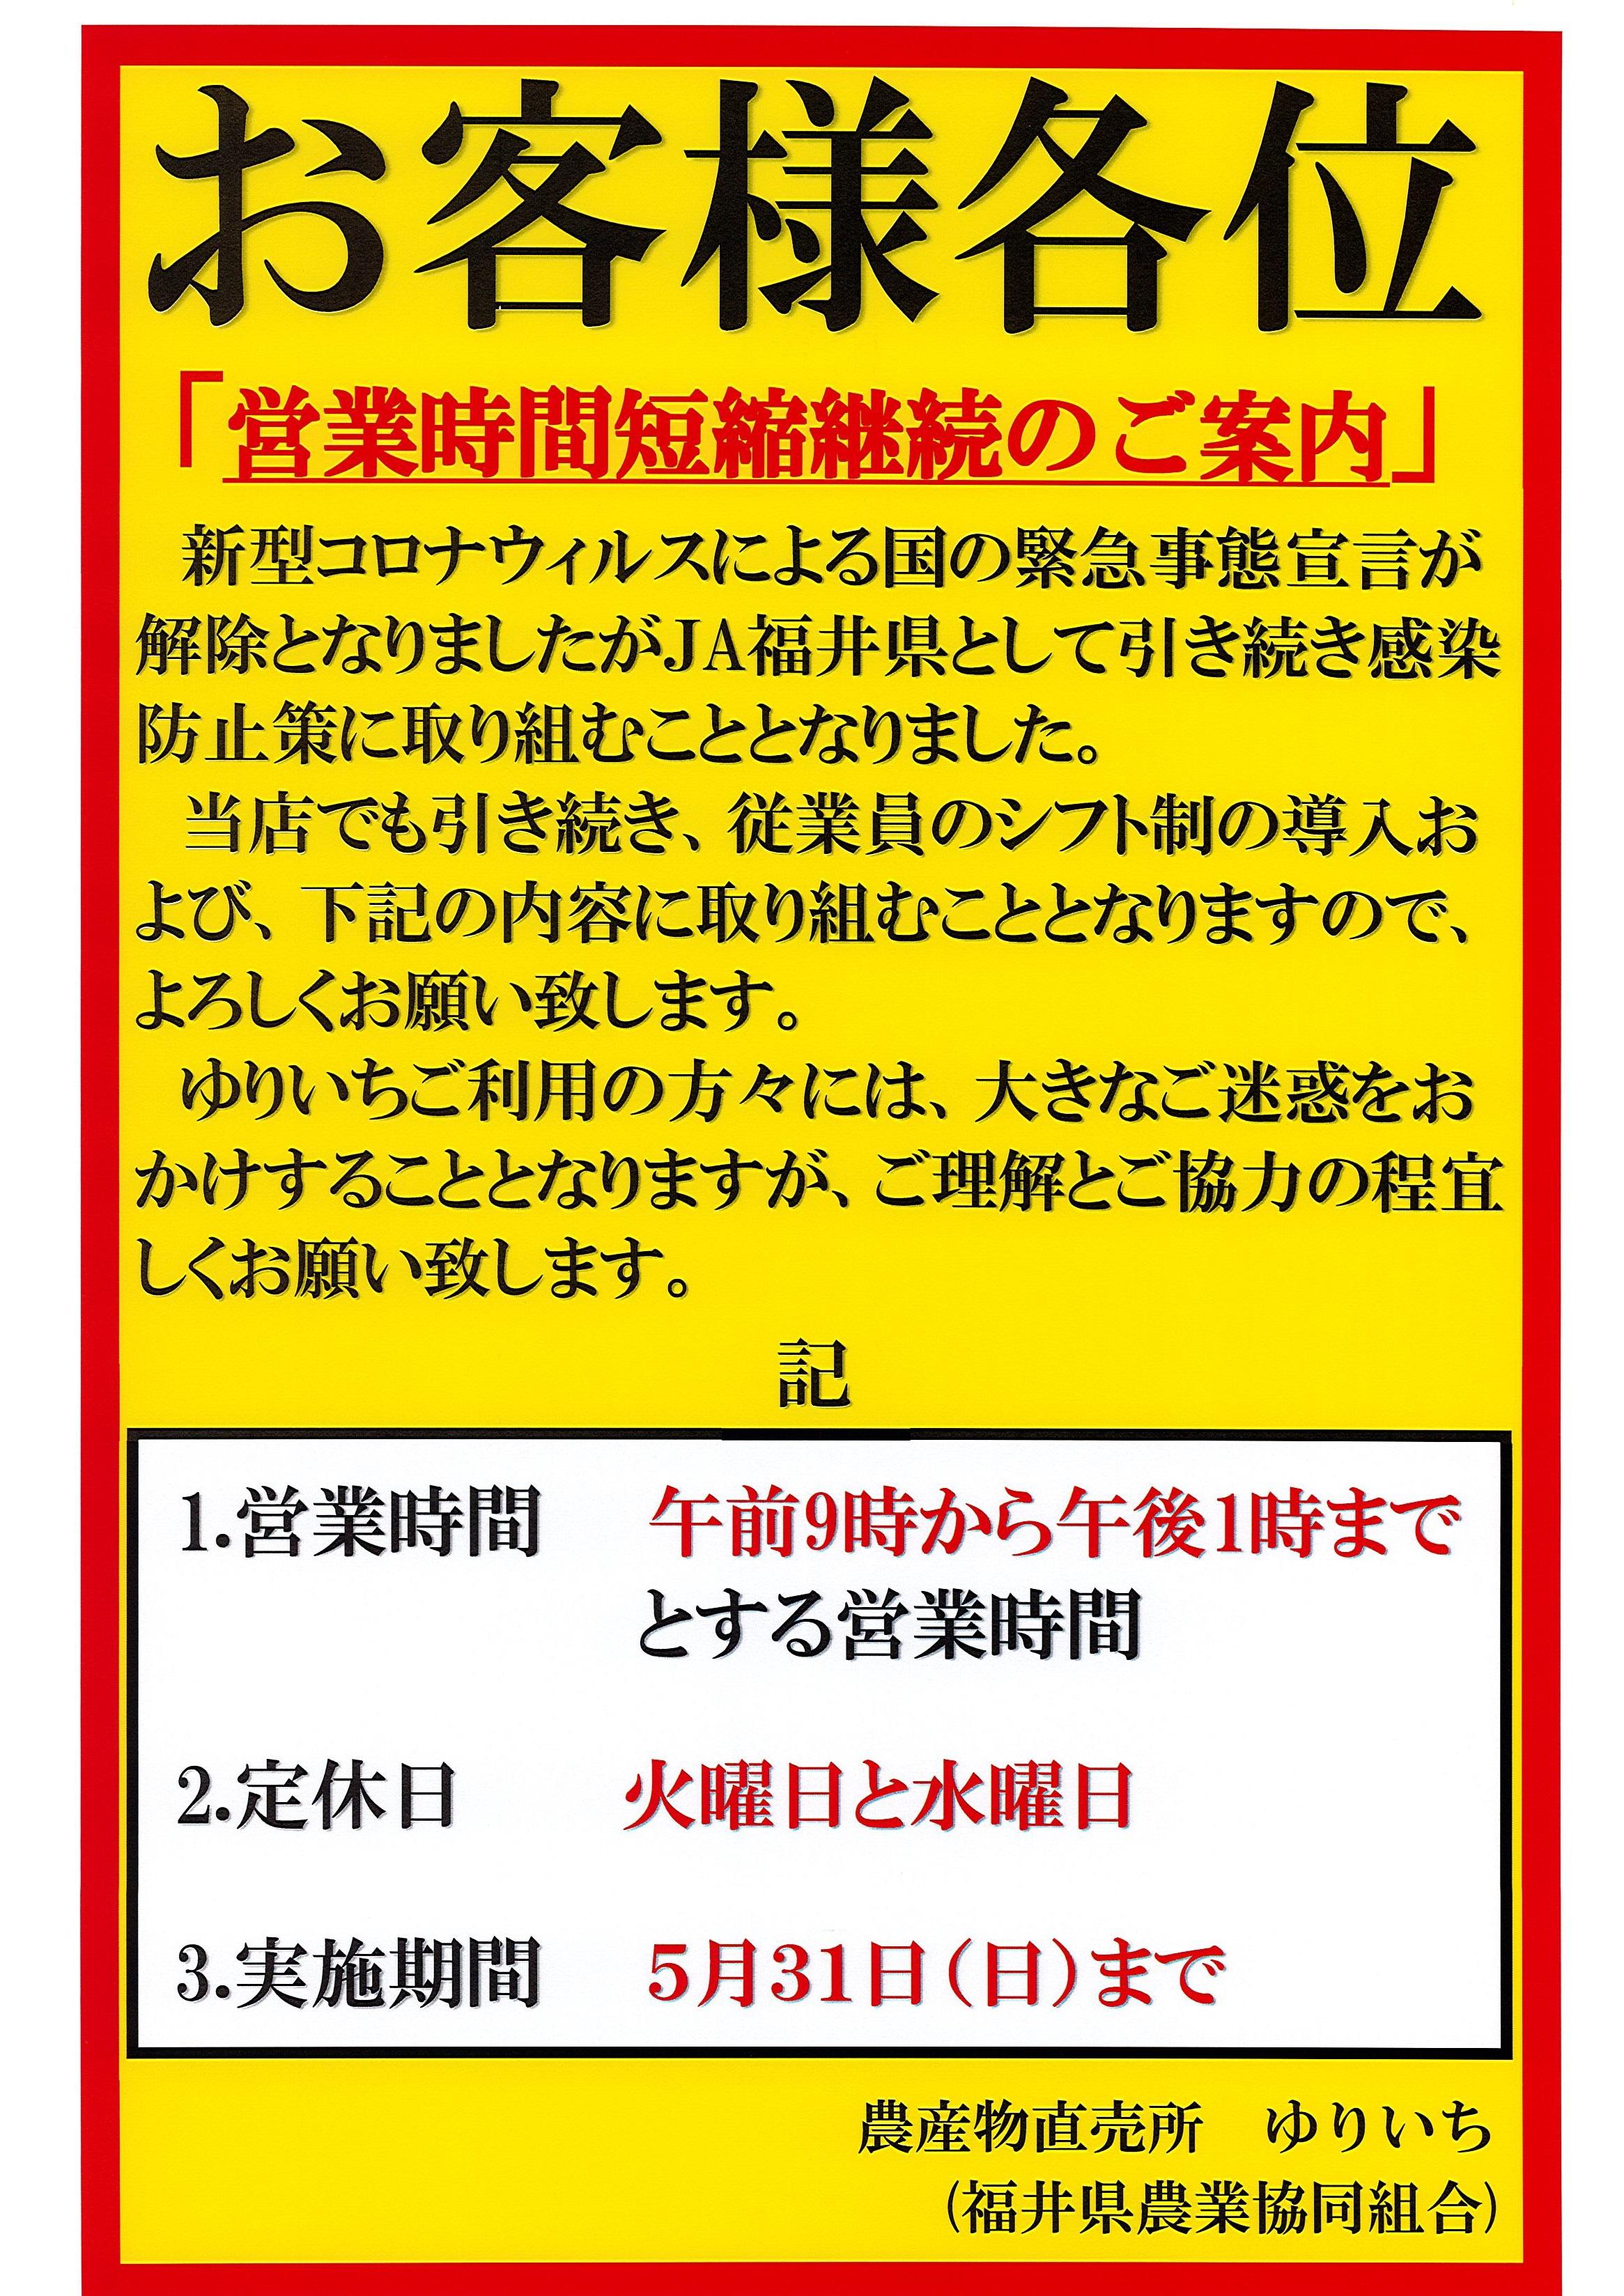 コロナ 福井 最新 県